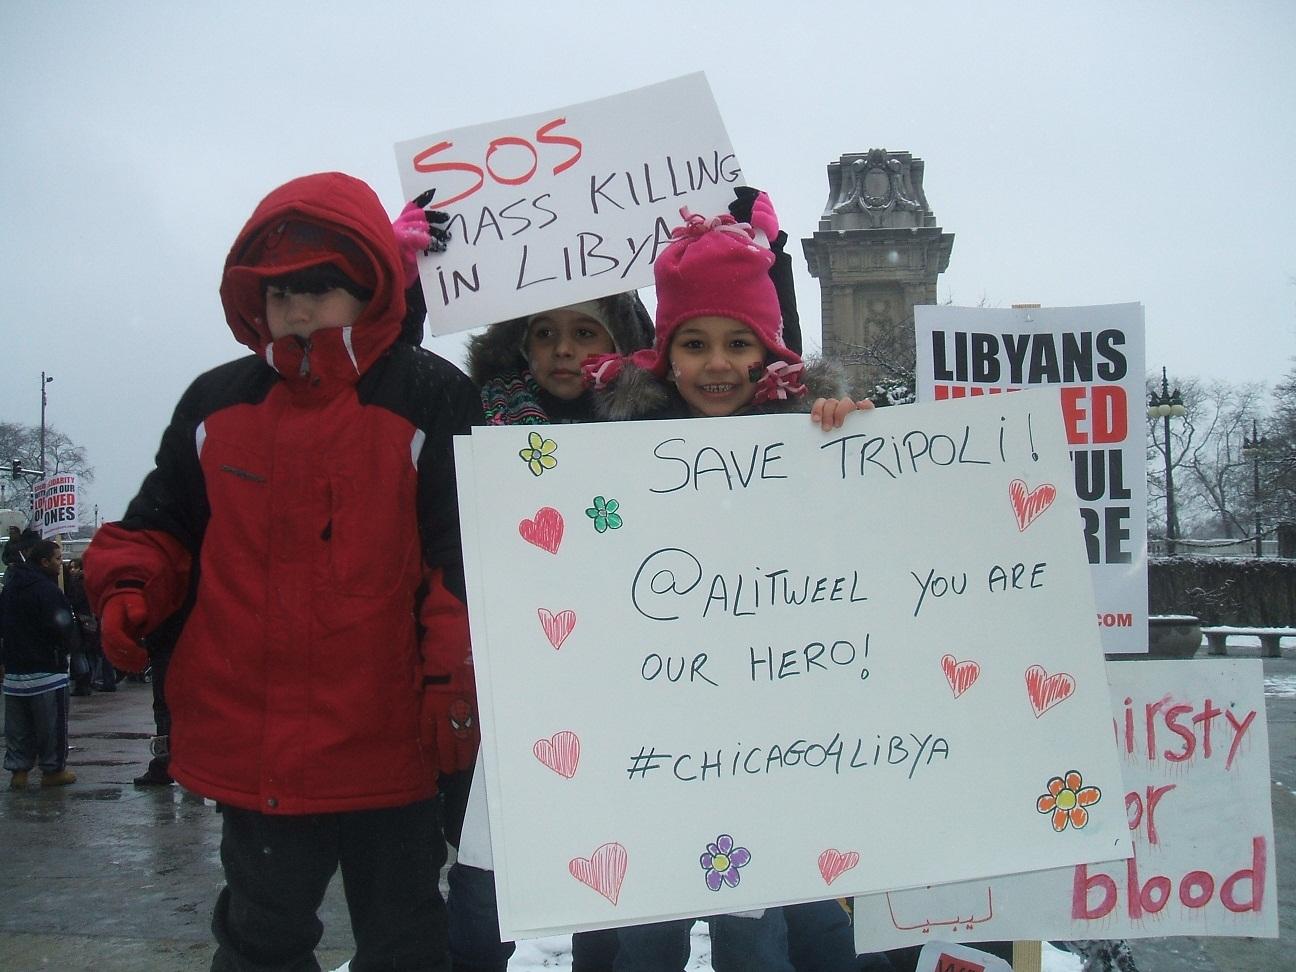 مظاهرة تدعم الشعب الليبي في شيكاغو